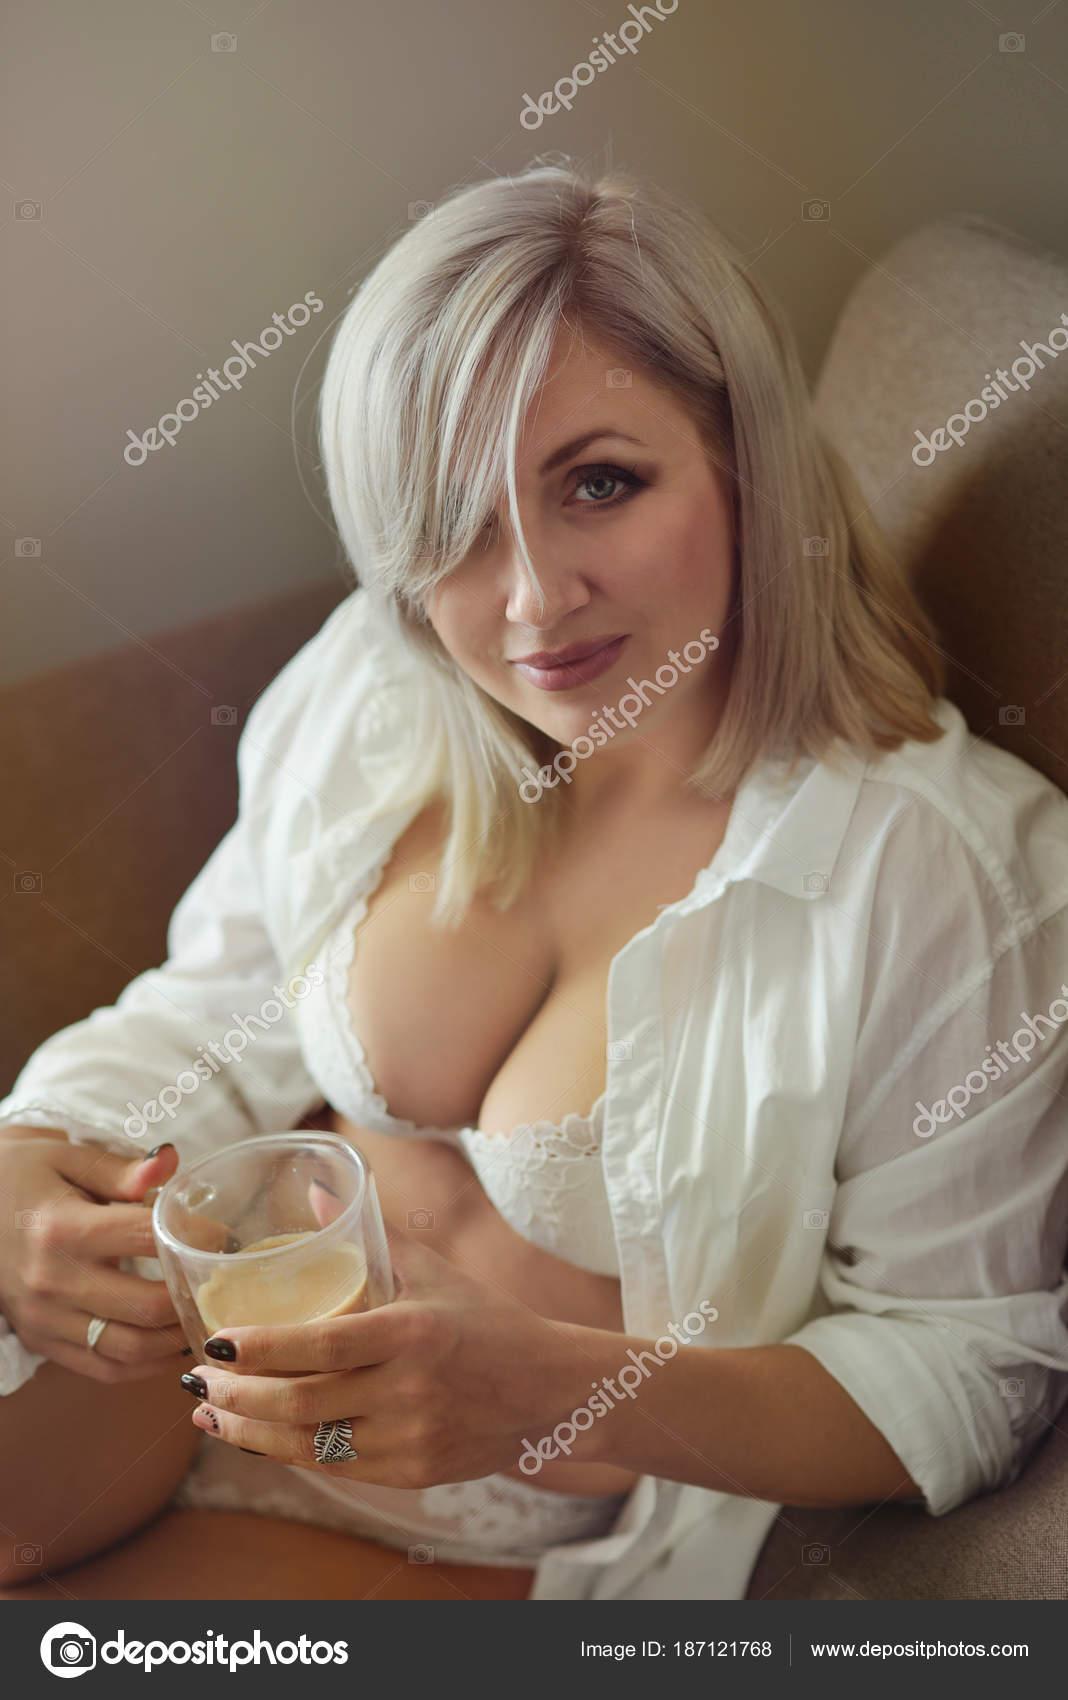 Mujeres Tetudas fotos de mujeres tetudas de stock, imágenes de mujeres